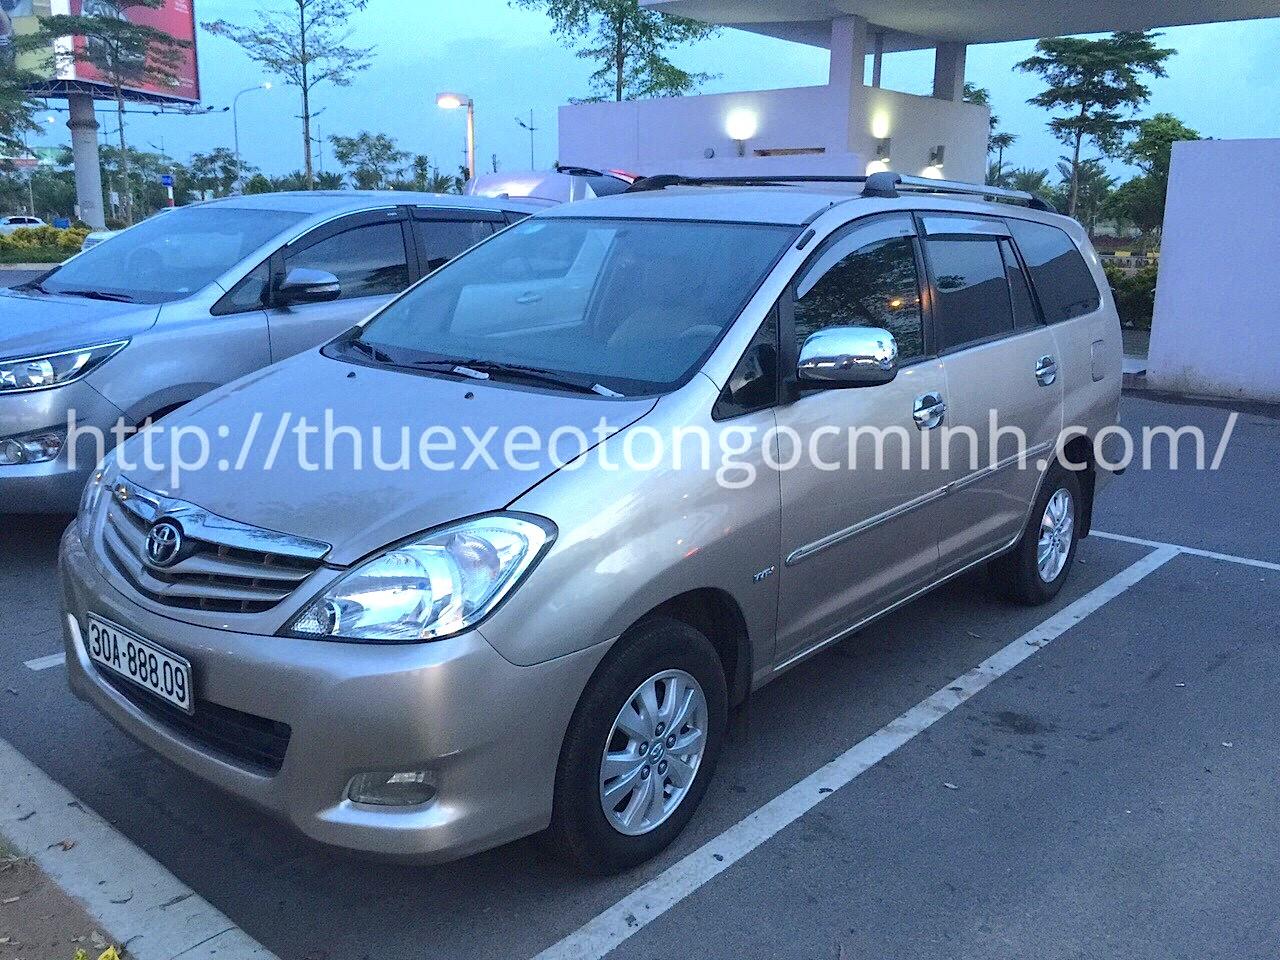 Cho thuê xe Innova 7 chỗ theo tháng giá rẻ tại Hà Nội